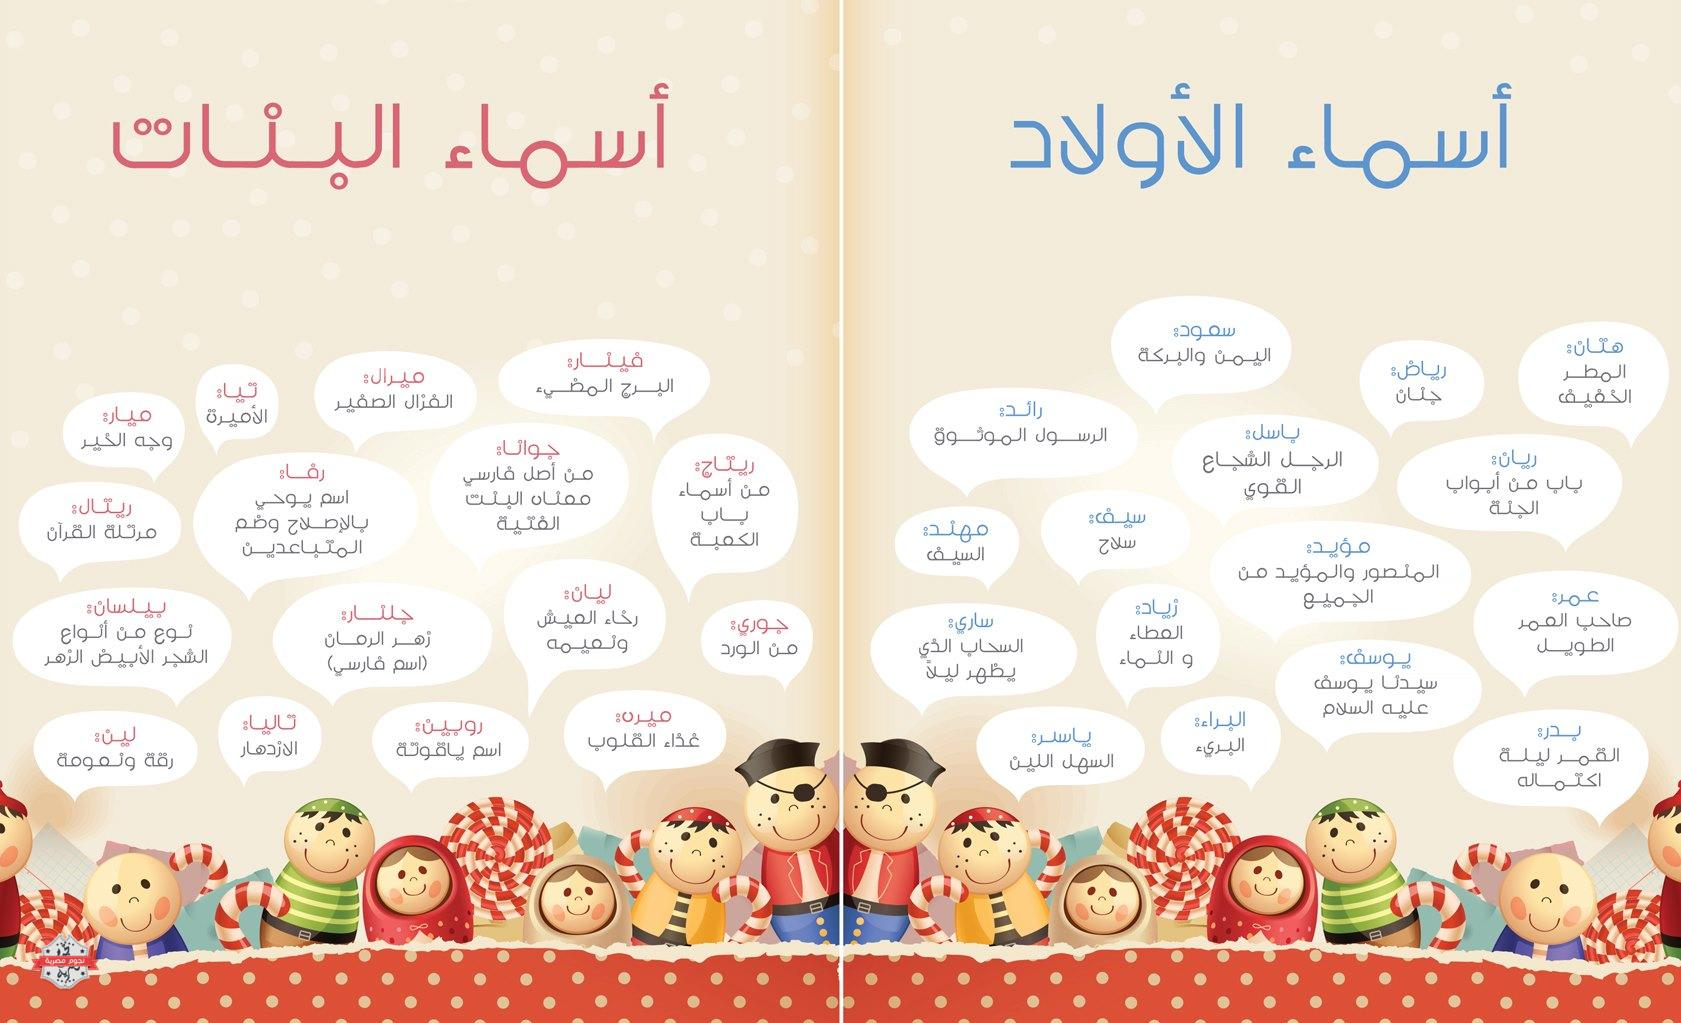 بالصور اجمل الاسماء العربية , احدث الاسامى العربيه الجديده 4026